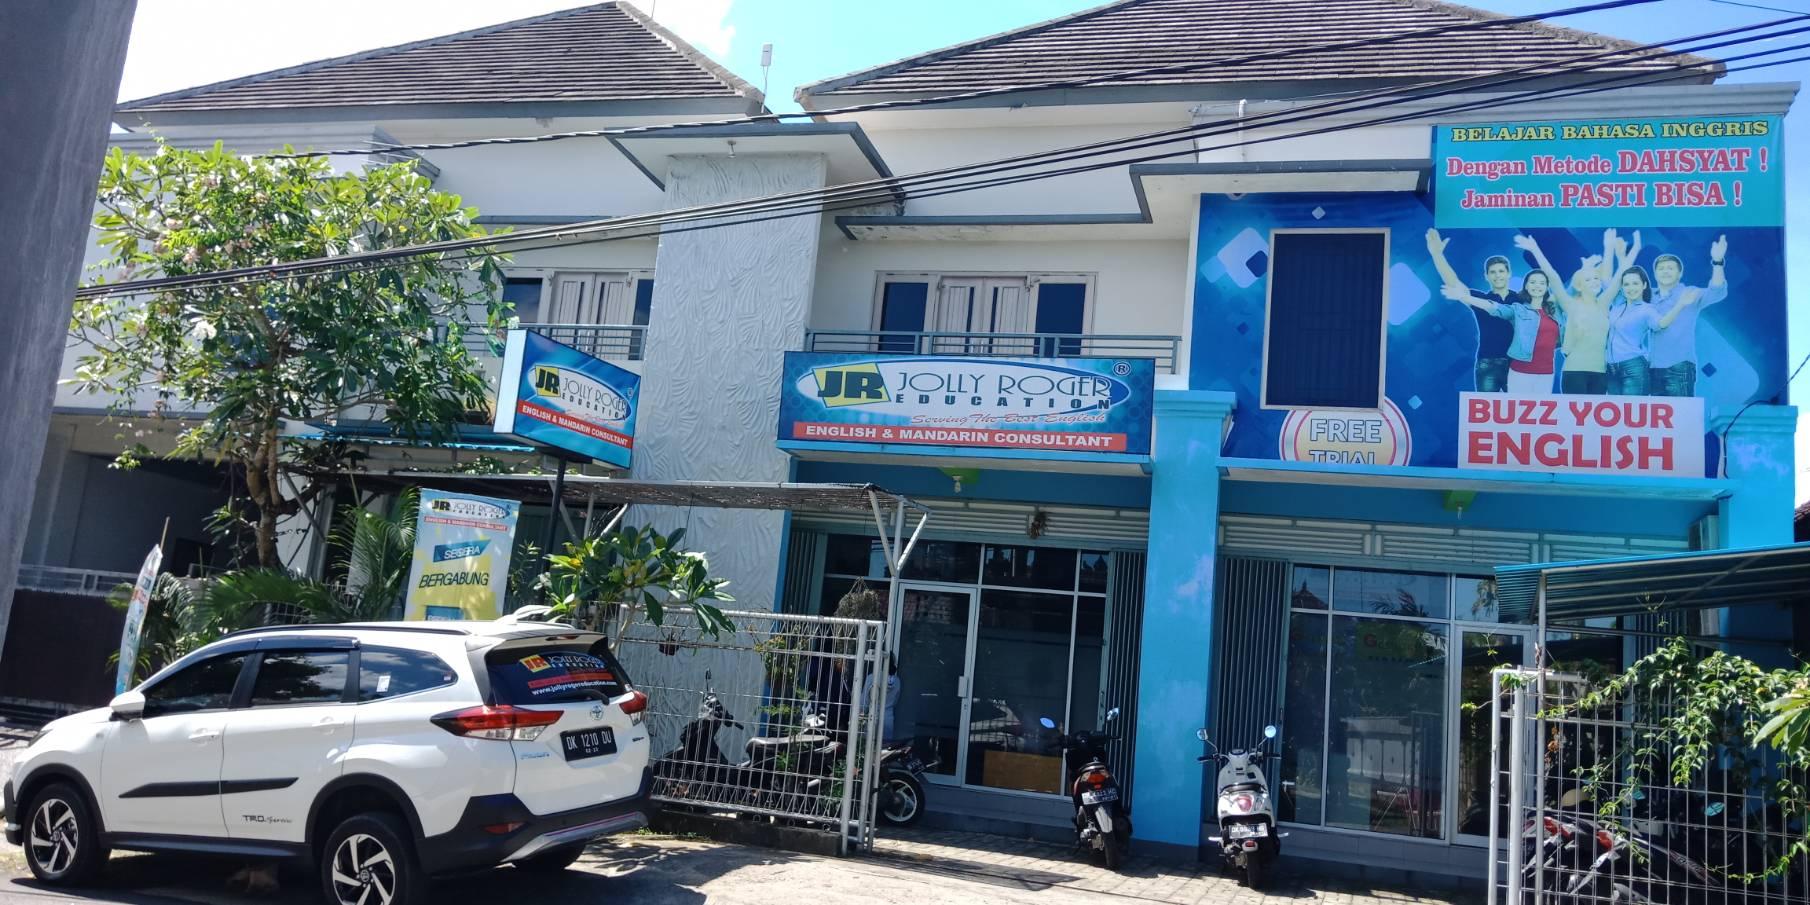 Jl. Raya kapal, Munggu, Desa Slingsing - Badung. Phone : (0361) 9076527. SMS : 0821 4484 0804